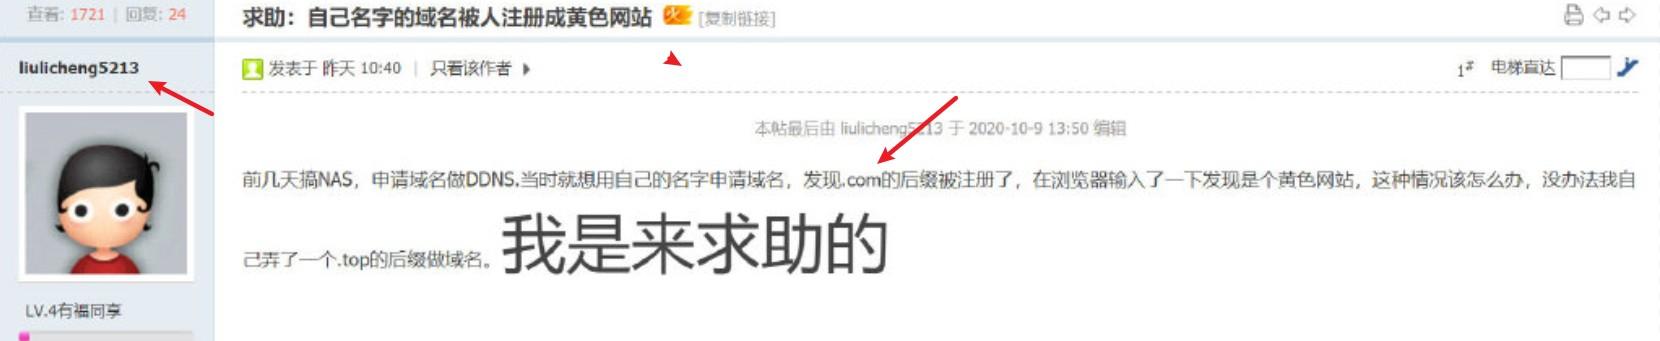 一些网民发现他们名字的域名已经注册为不可描述的网站!